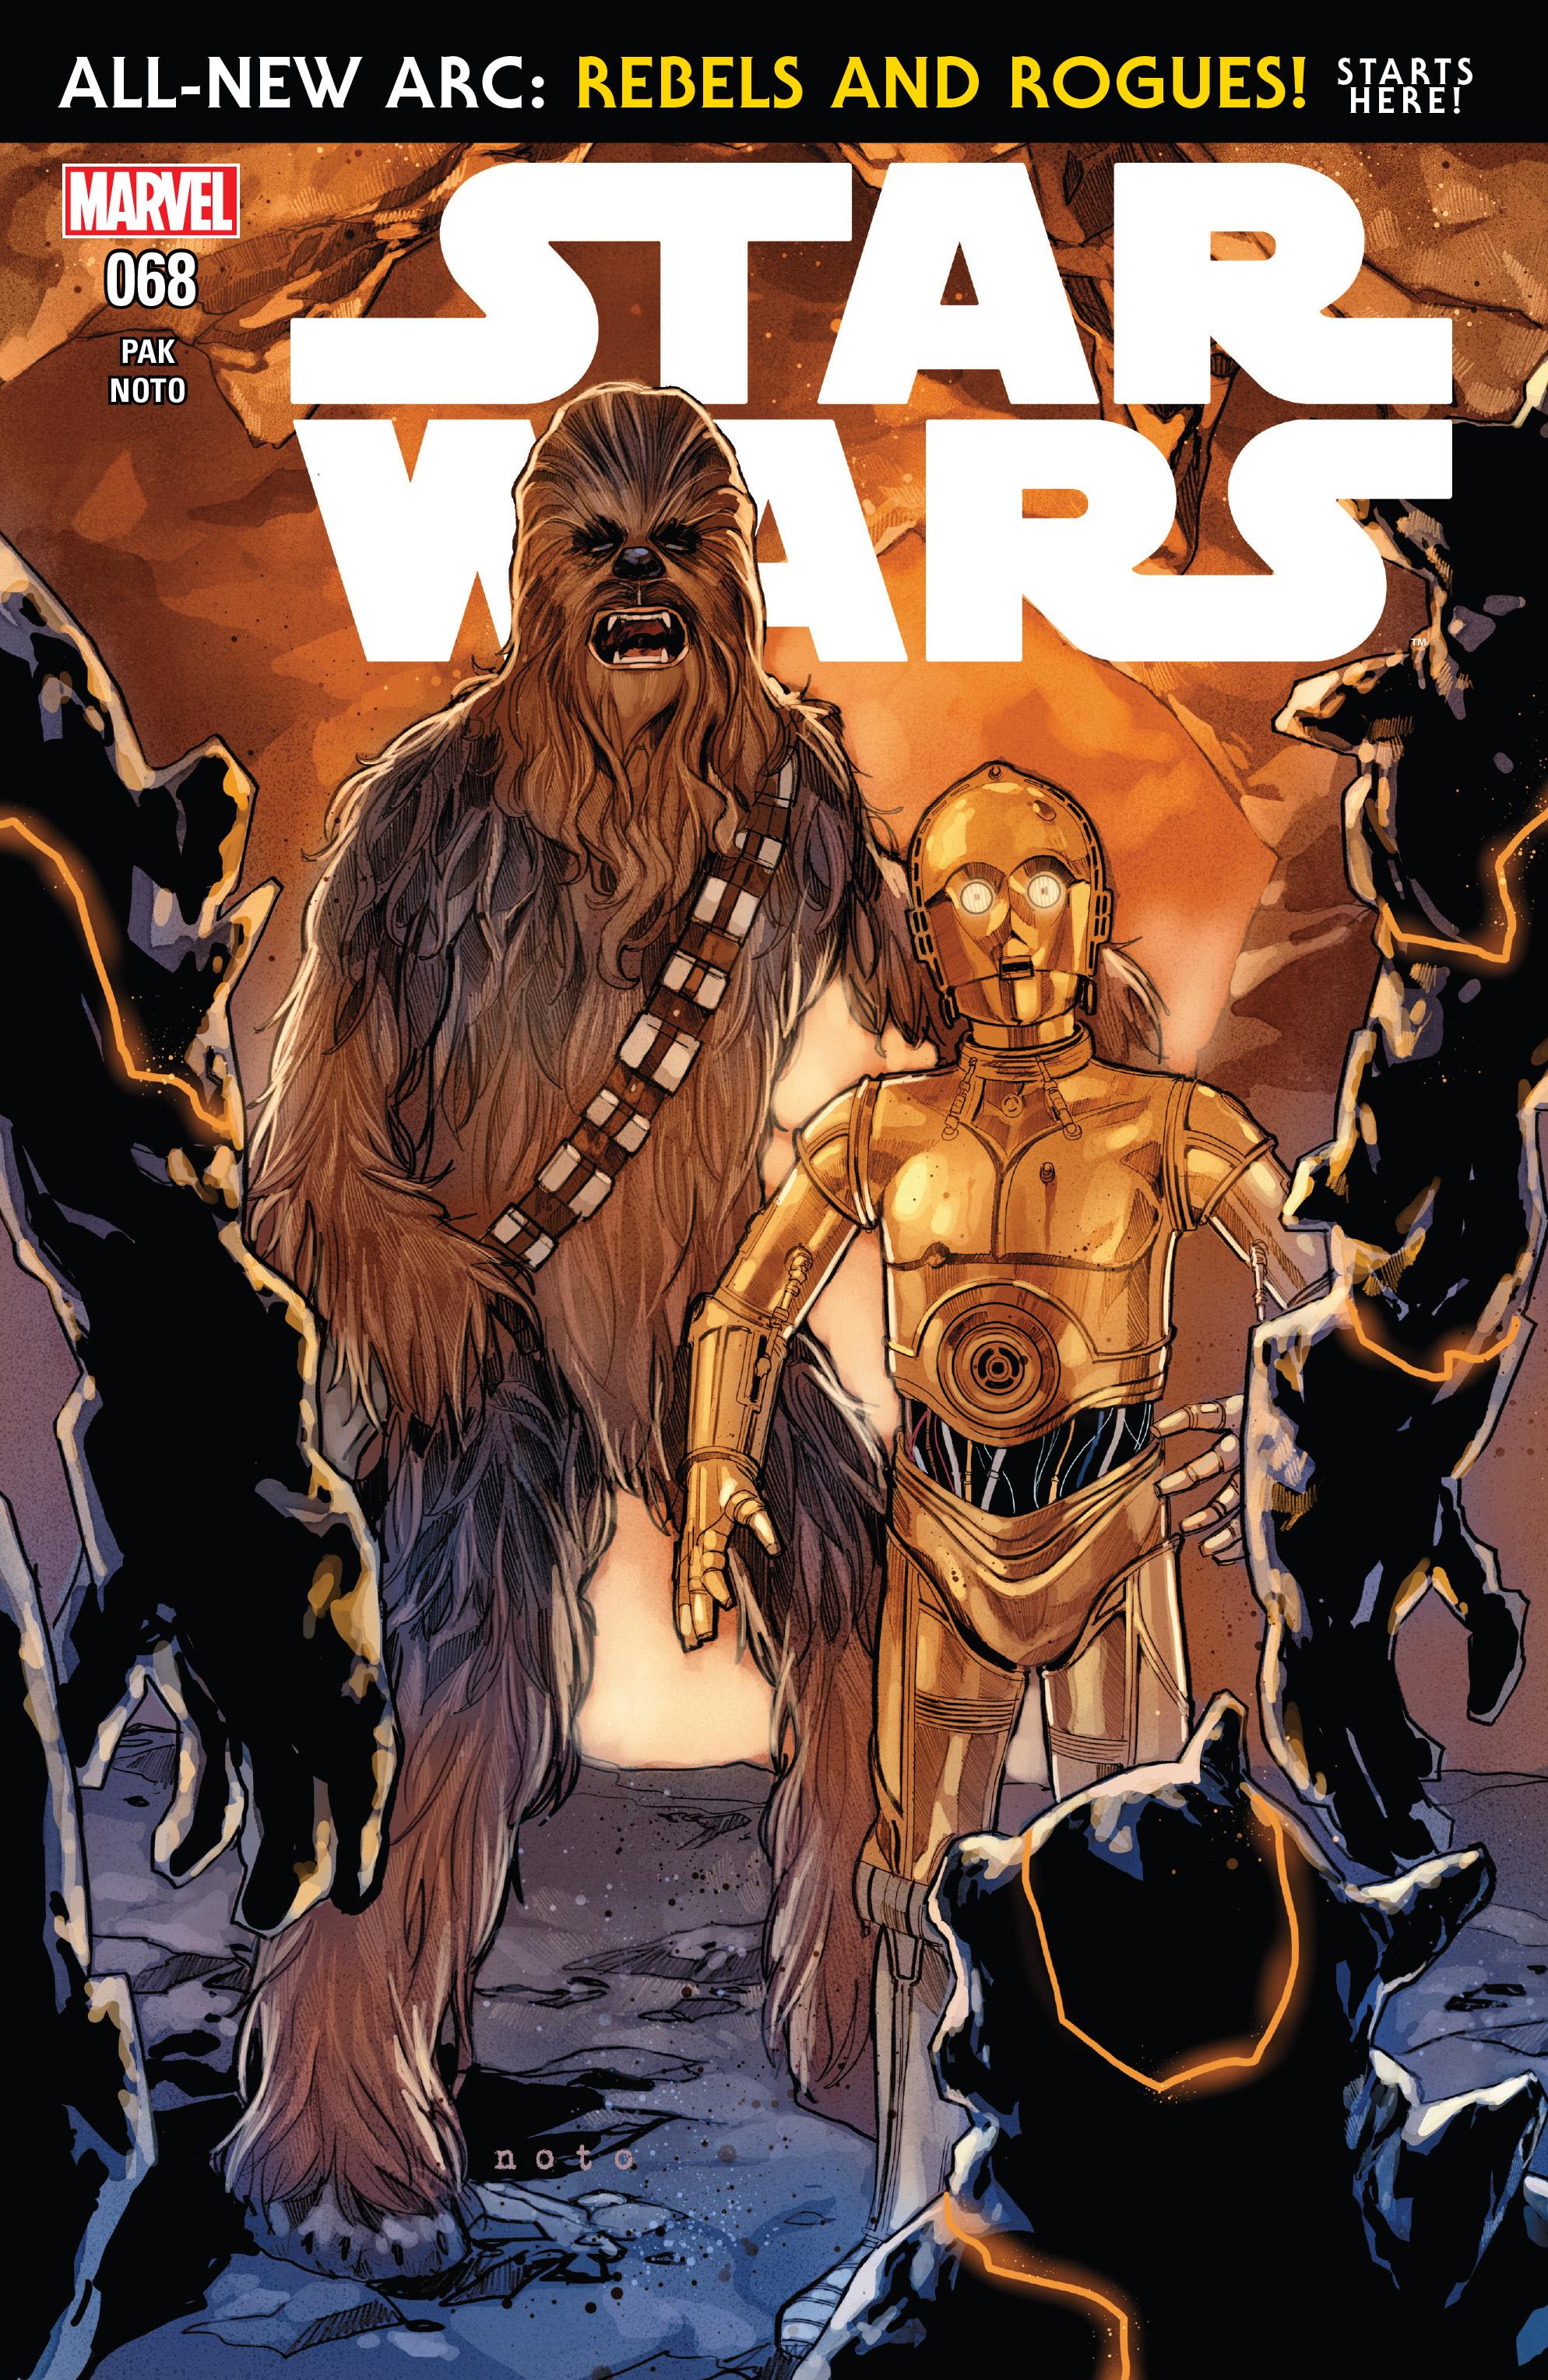 Звёздные войны 68: Мятежники и изгои, часть 1